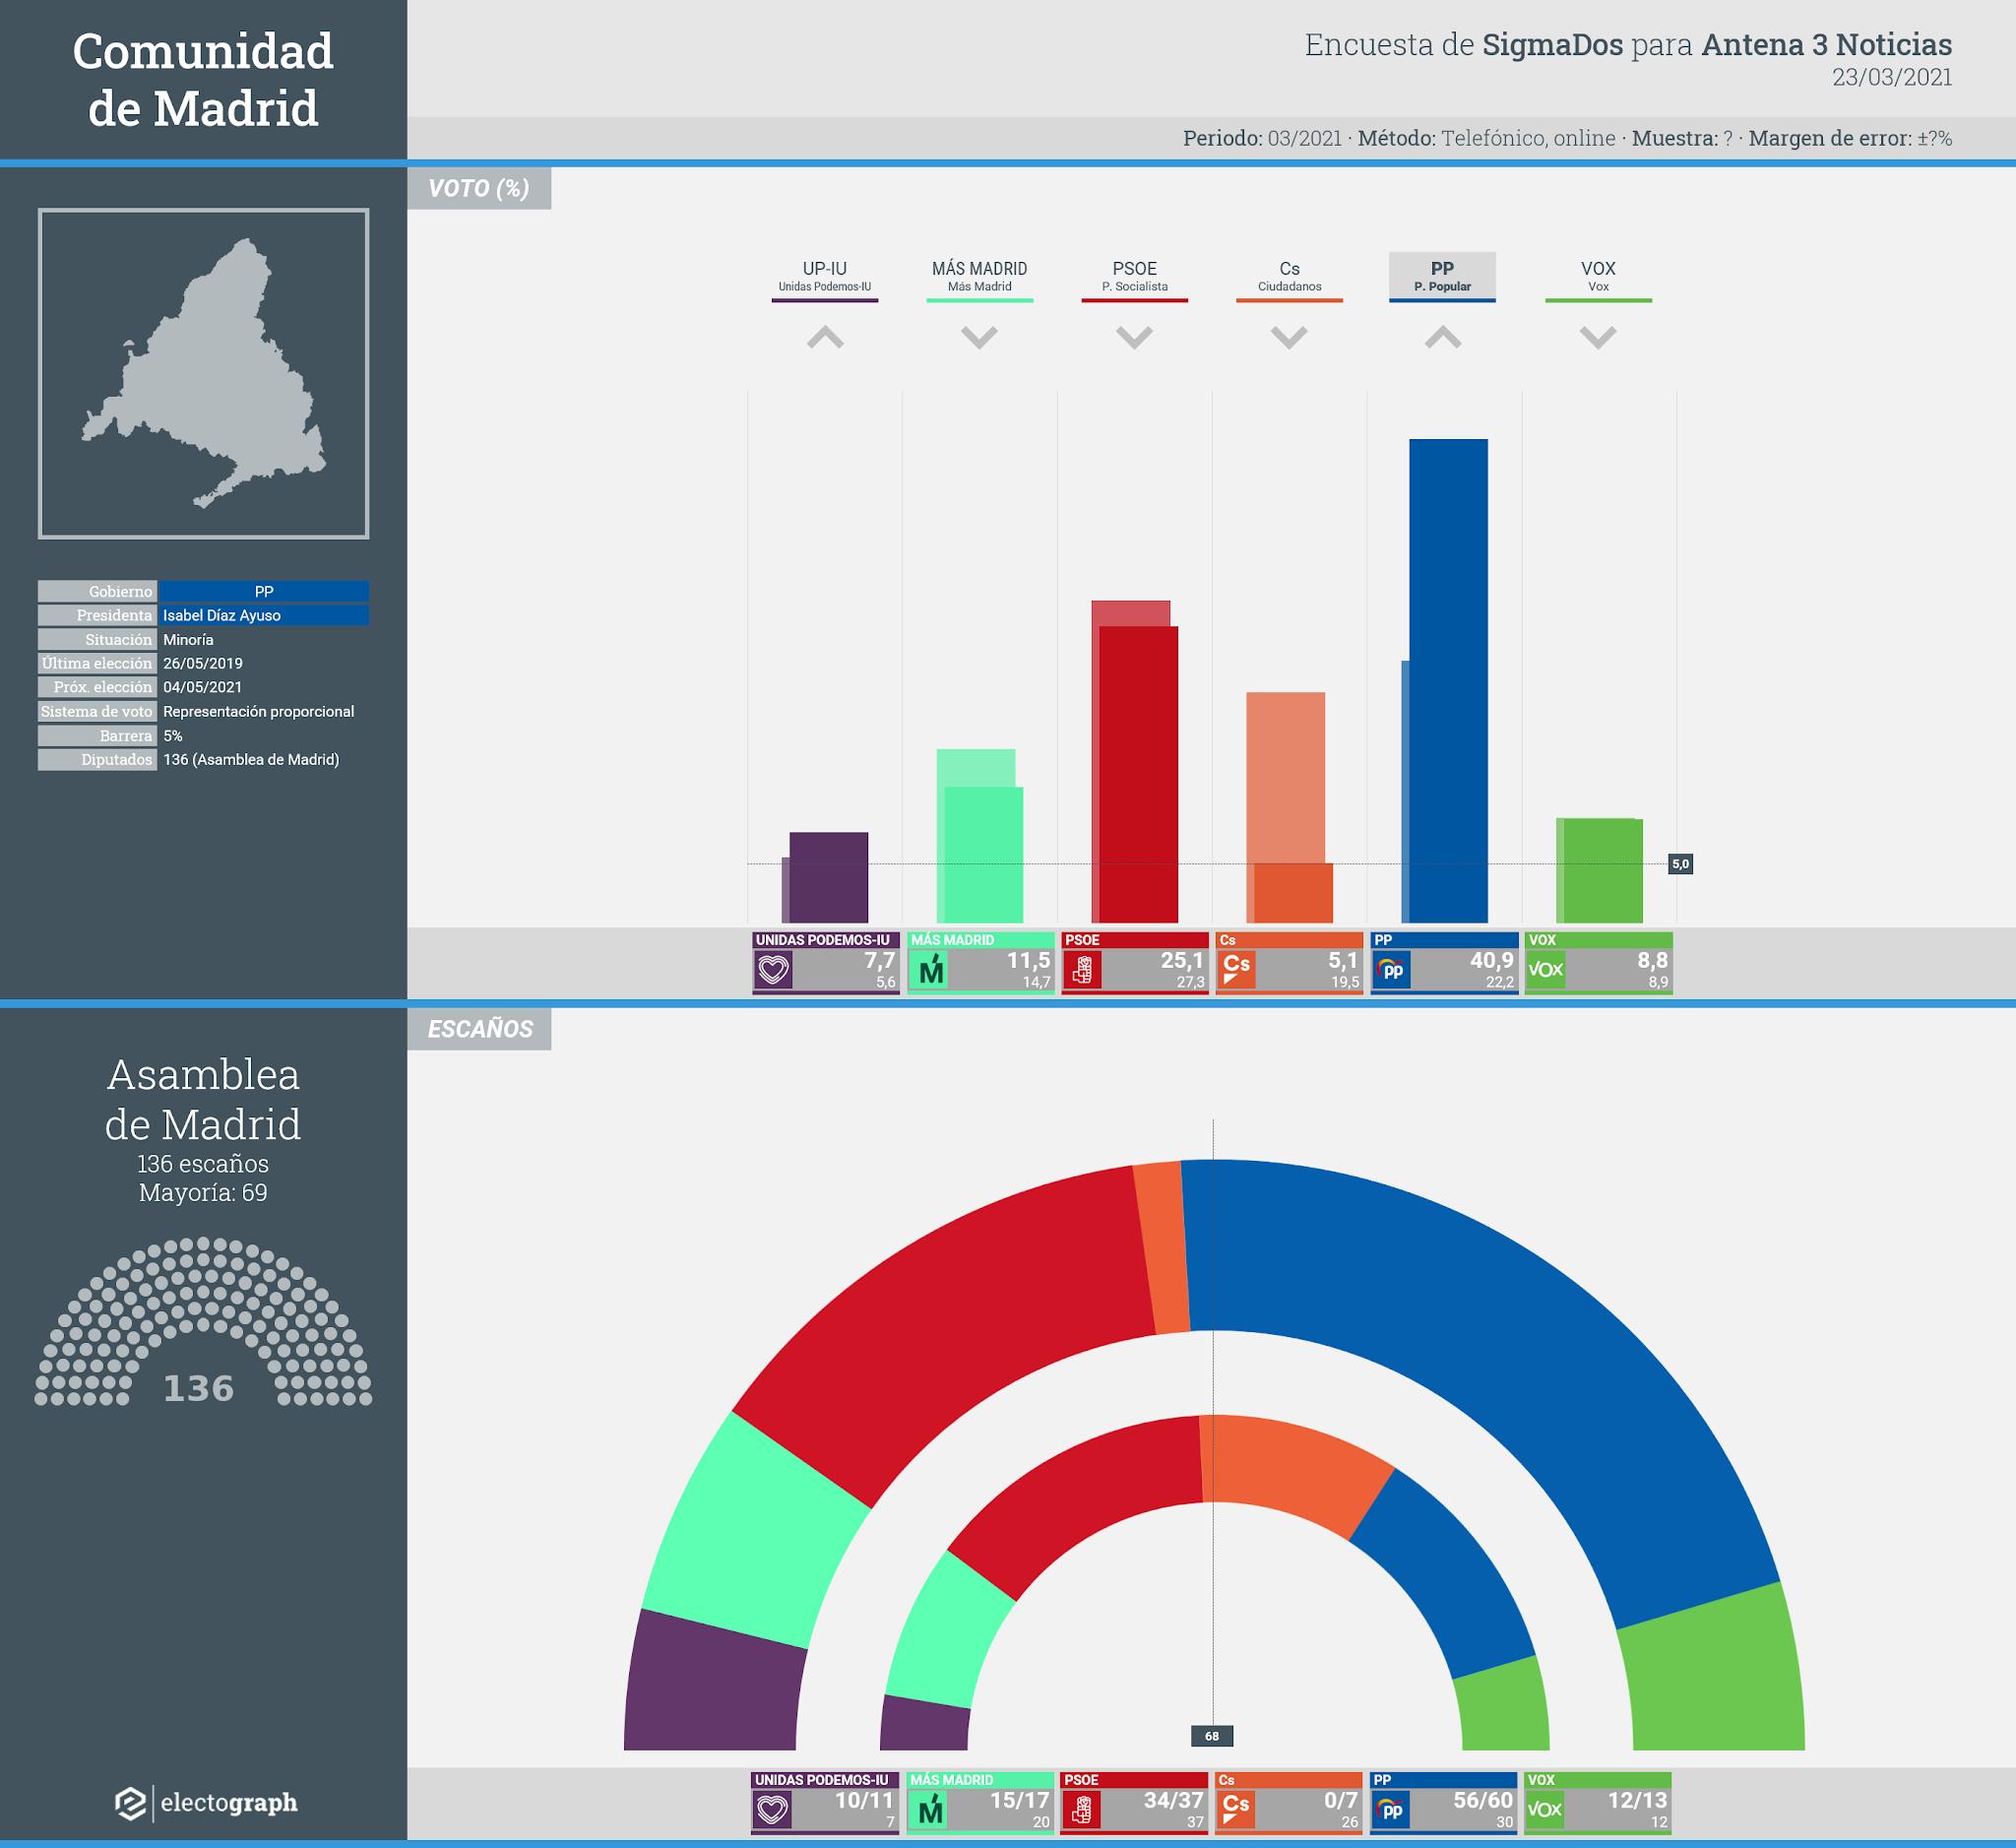 Gráfico de la encuesta para elecciones autonómicas en la Comunidad de Madrid realizada por SigmaDos para Antena 3 Noticias, 23 de marzo de 2021